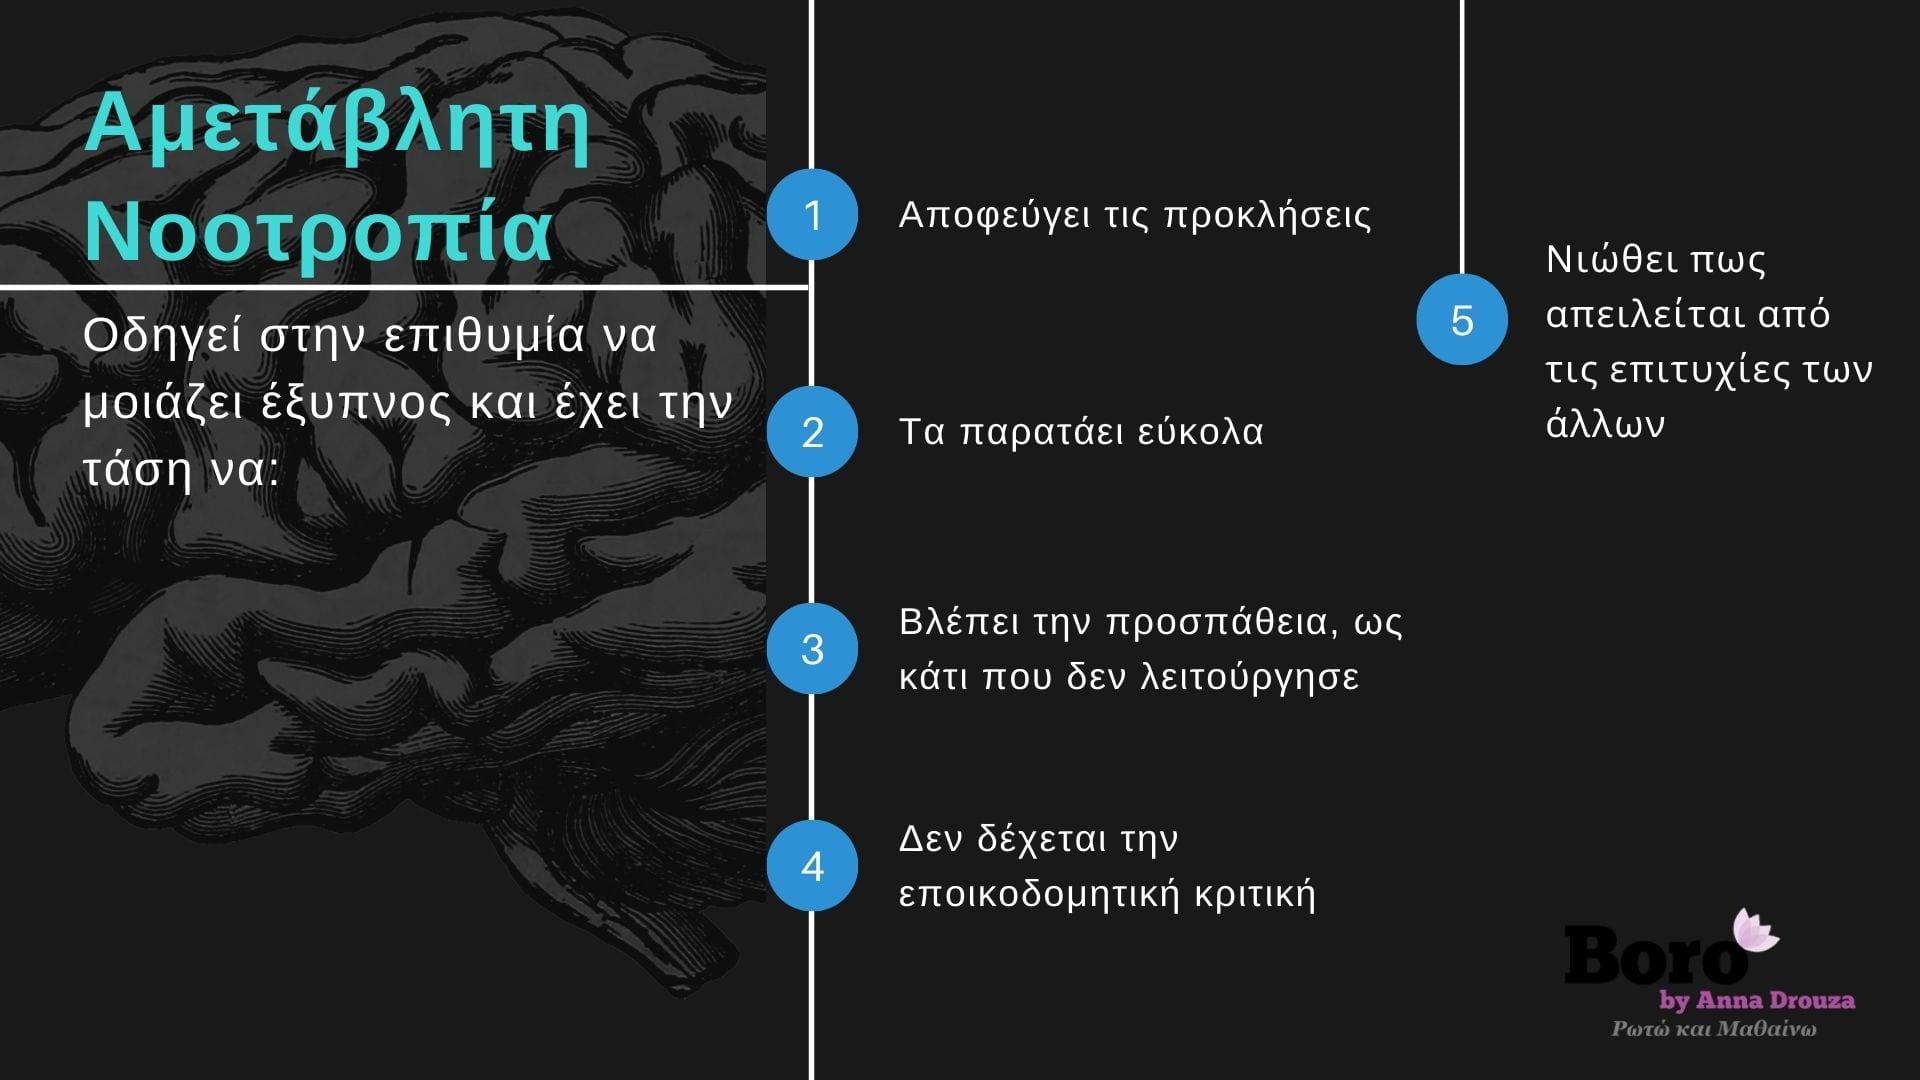 διαφορές-μεταξύ-της-Αμετάβλητης-Νοοτροπίας-και-της-Νοοτροπίας-της-Ανάπτυξης